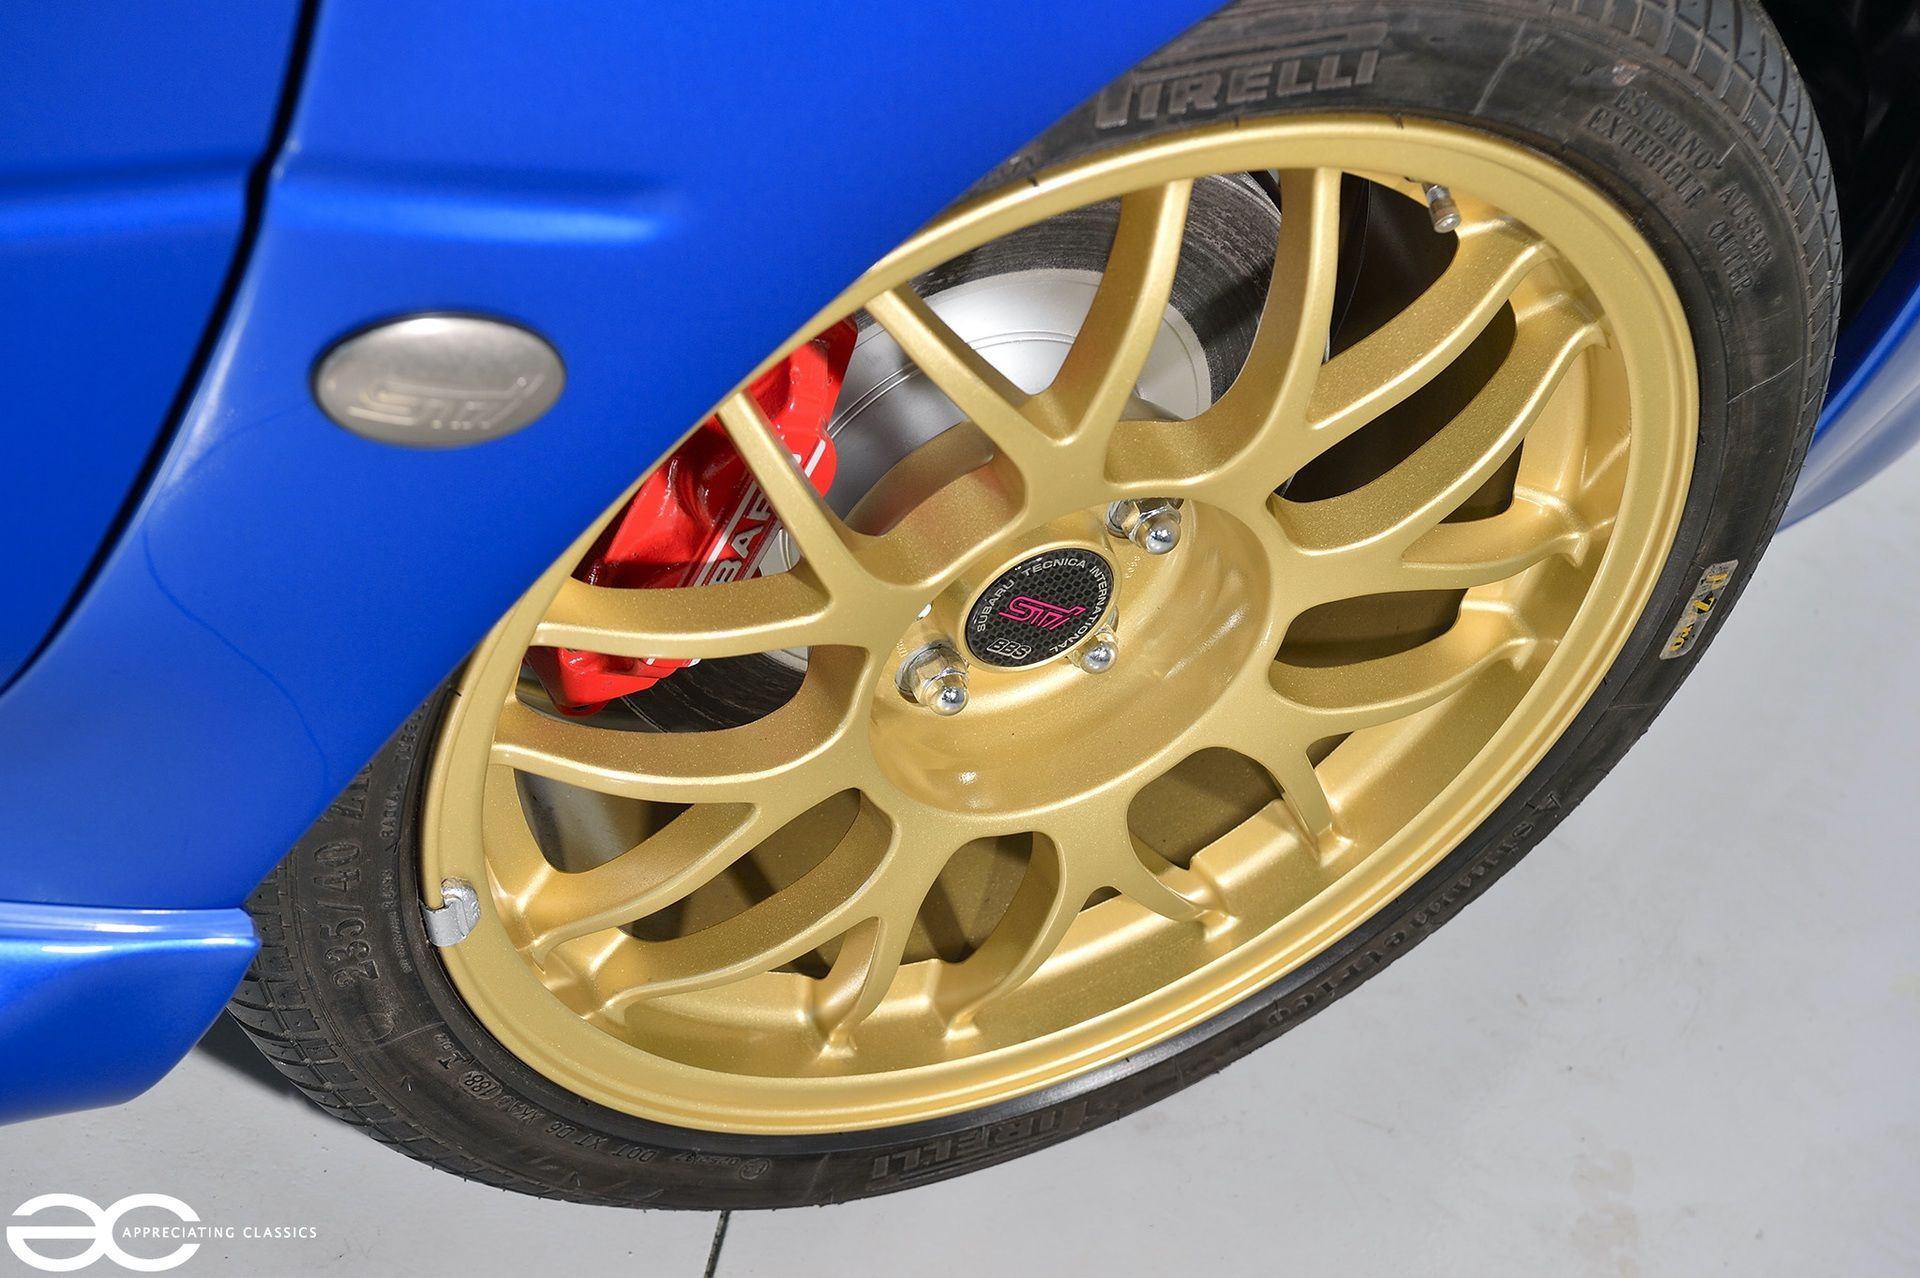 1998_Subaru_Impreza_22B_sale_0014